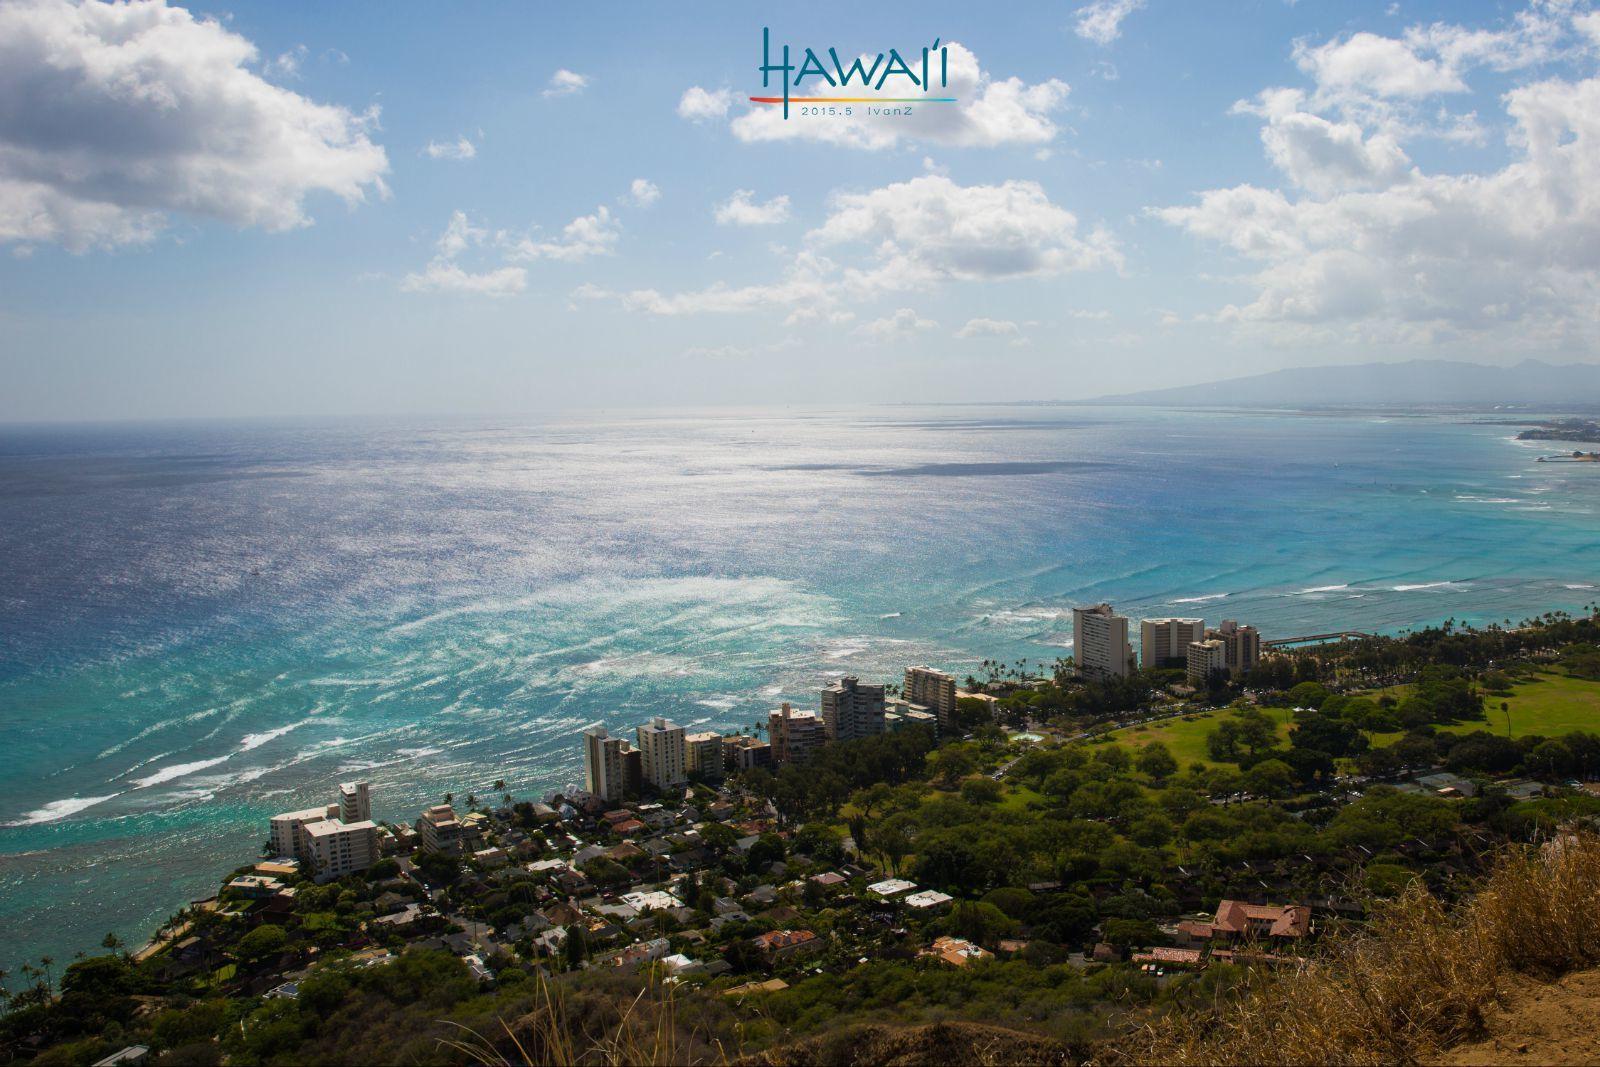 热浪碧海夏威夷